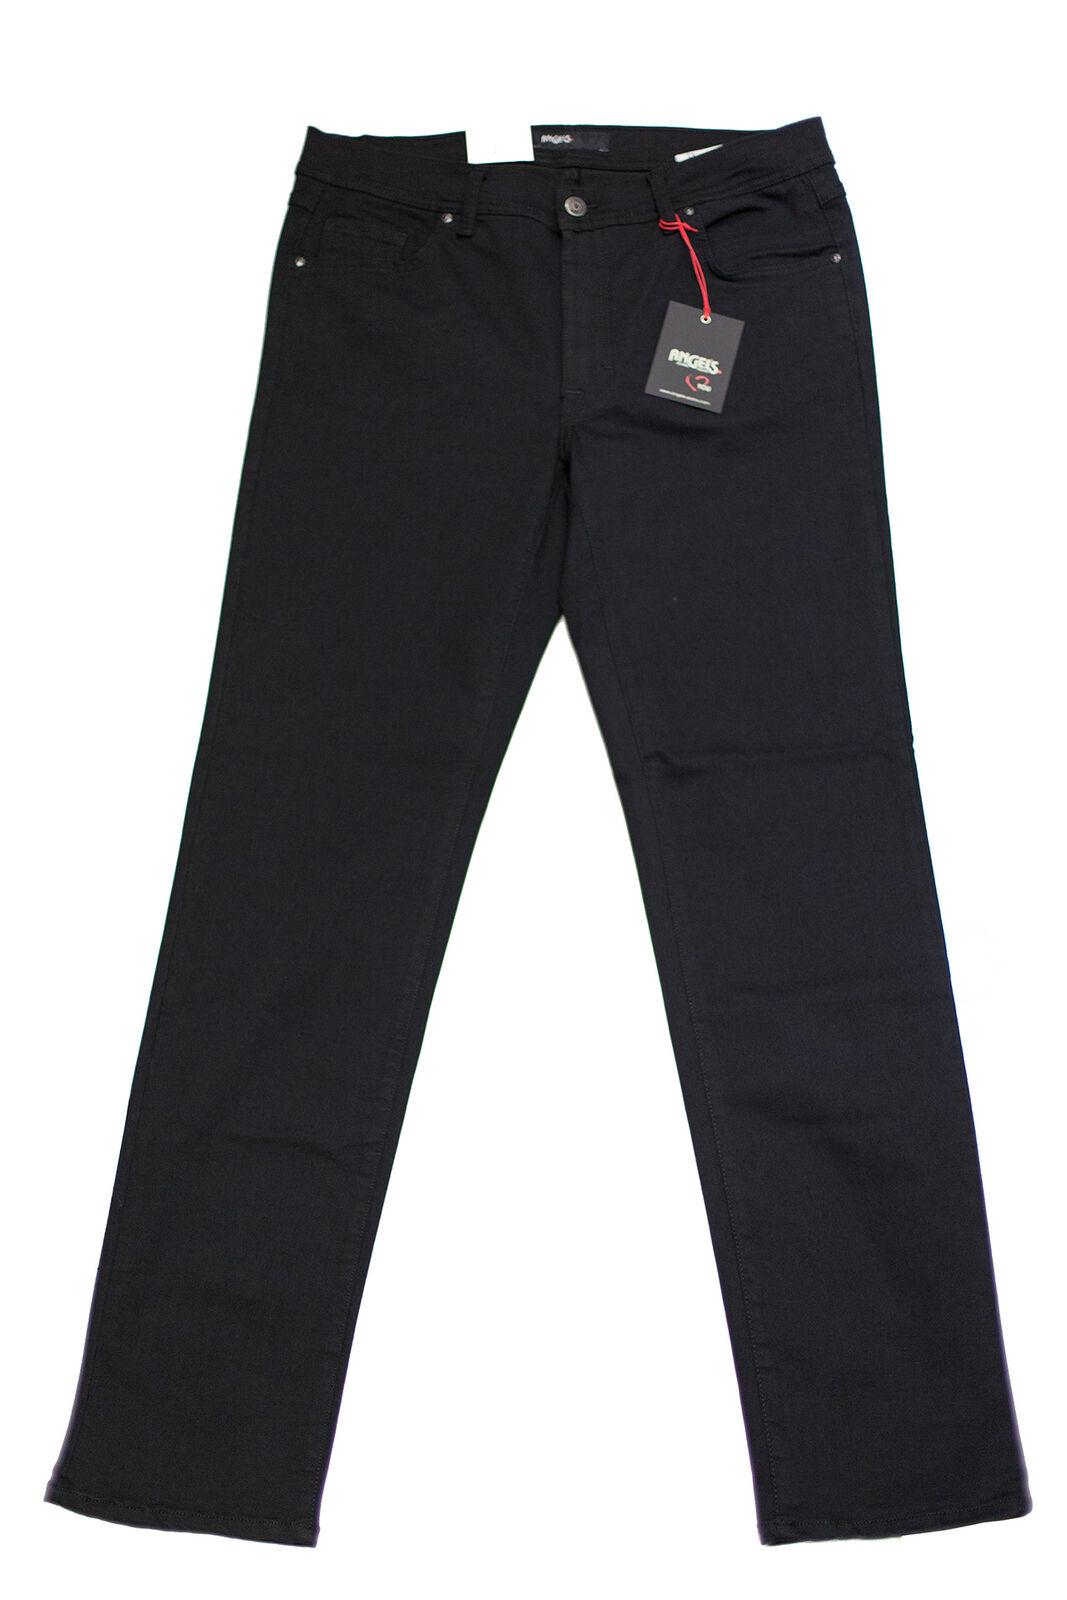 Angels Jeans CICI nero JEANS JEANS JEANS donna pantaloni proprio molti dimensioni NUOVO 172bd2